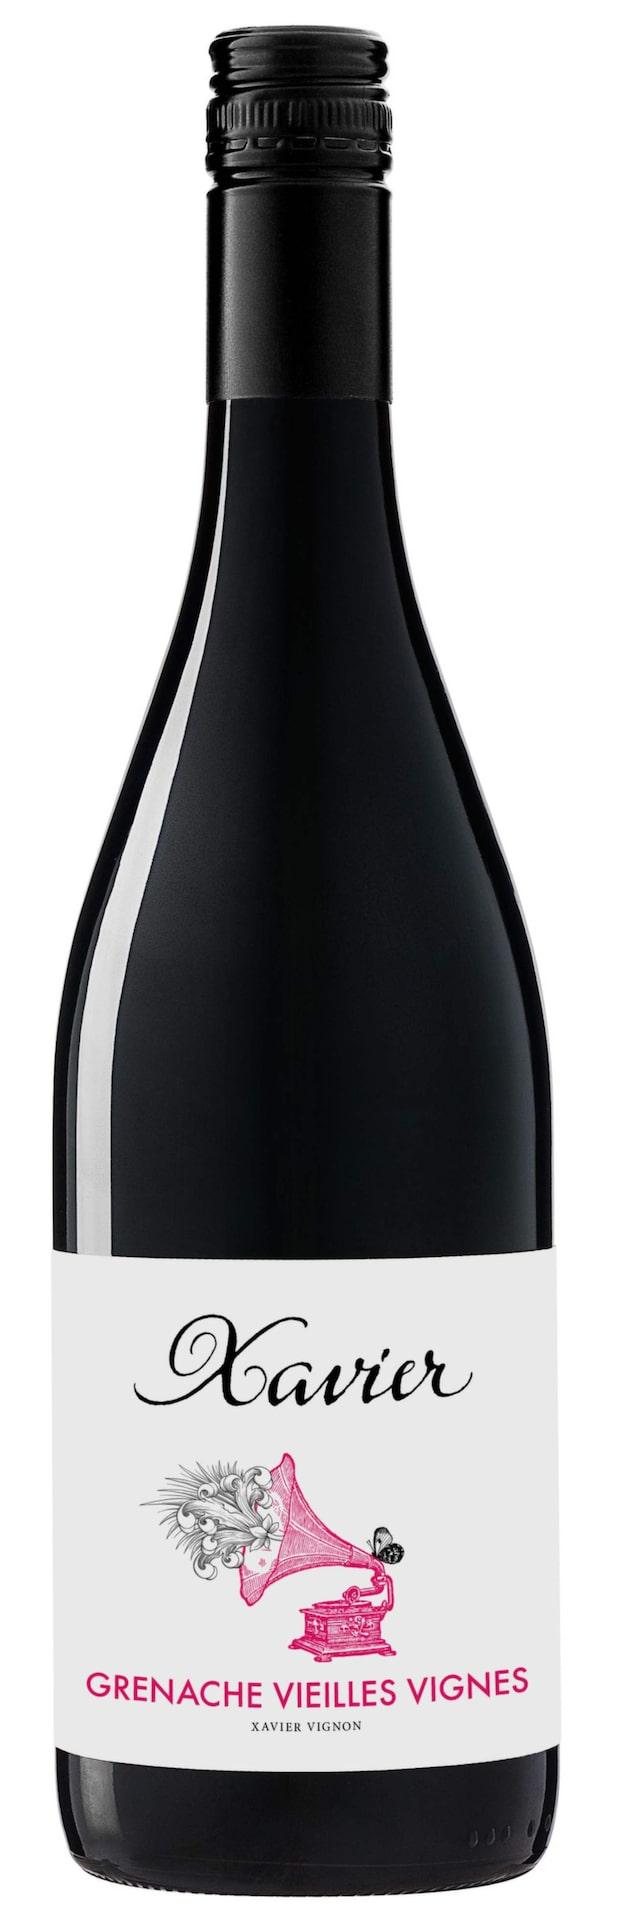 RöttXavier Grenache Vieilles Vignes 2011(2151) Côtes-du-Rhône, 87 krStändigt bra med koncentration, finess och generösa drag av björnbär och örter. Gott till en rödvinsdoftande köttgryta.